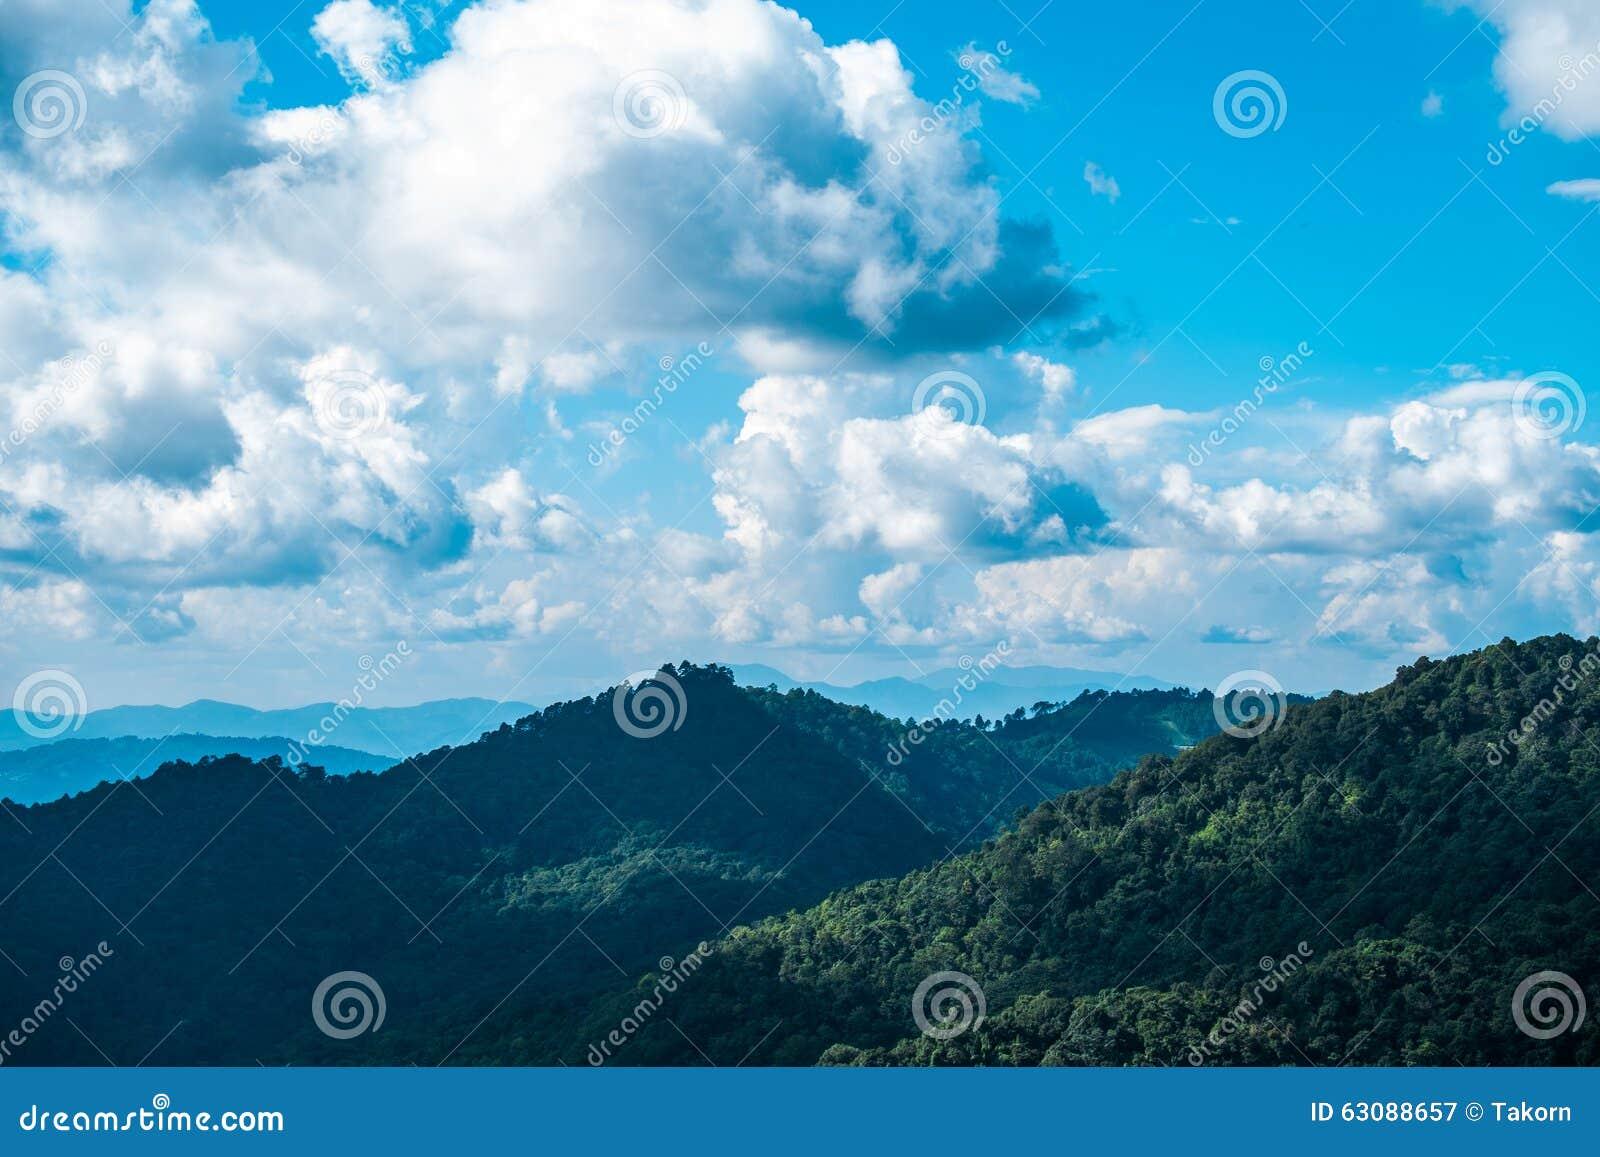 Download Montagne et ciel image stock. Image du jour, scène, personne - 63088657